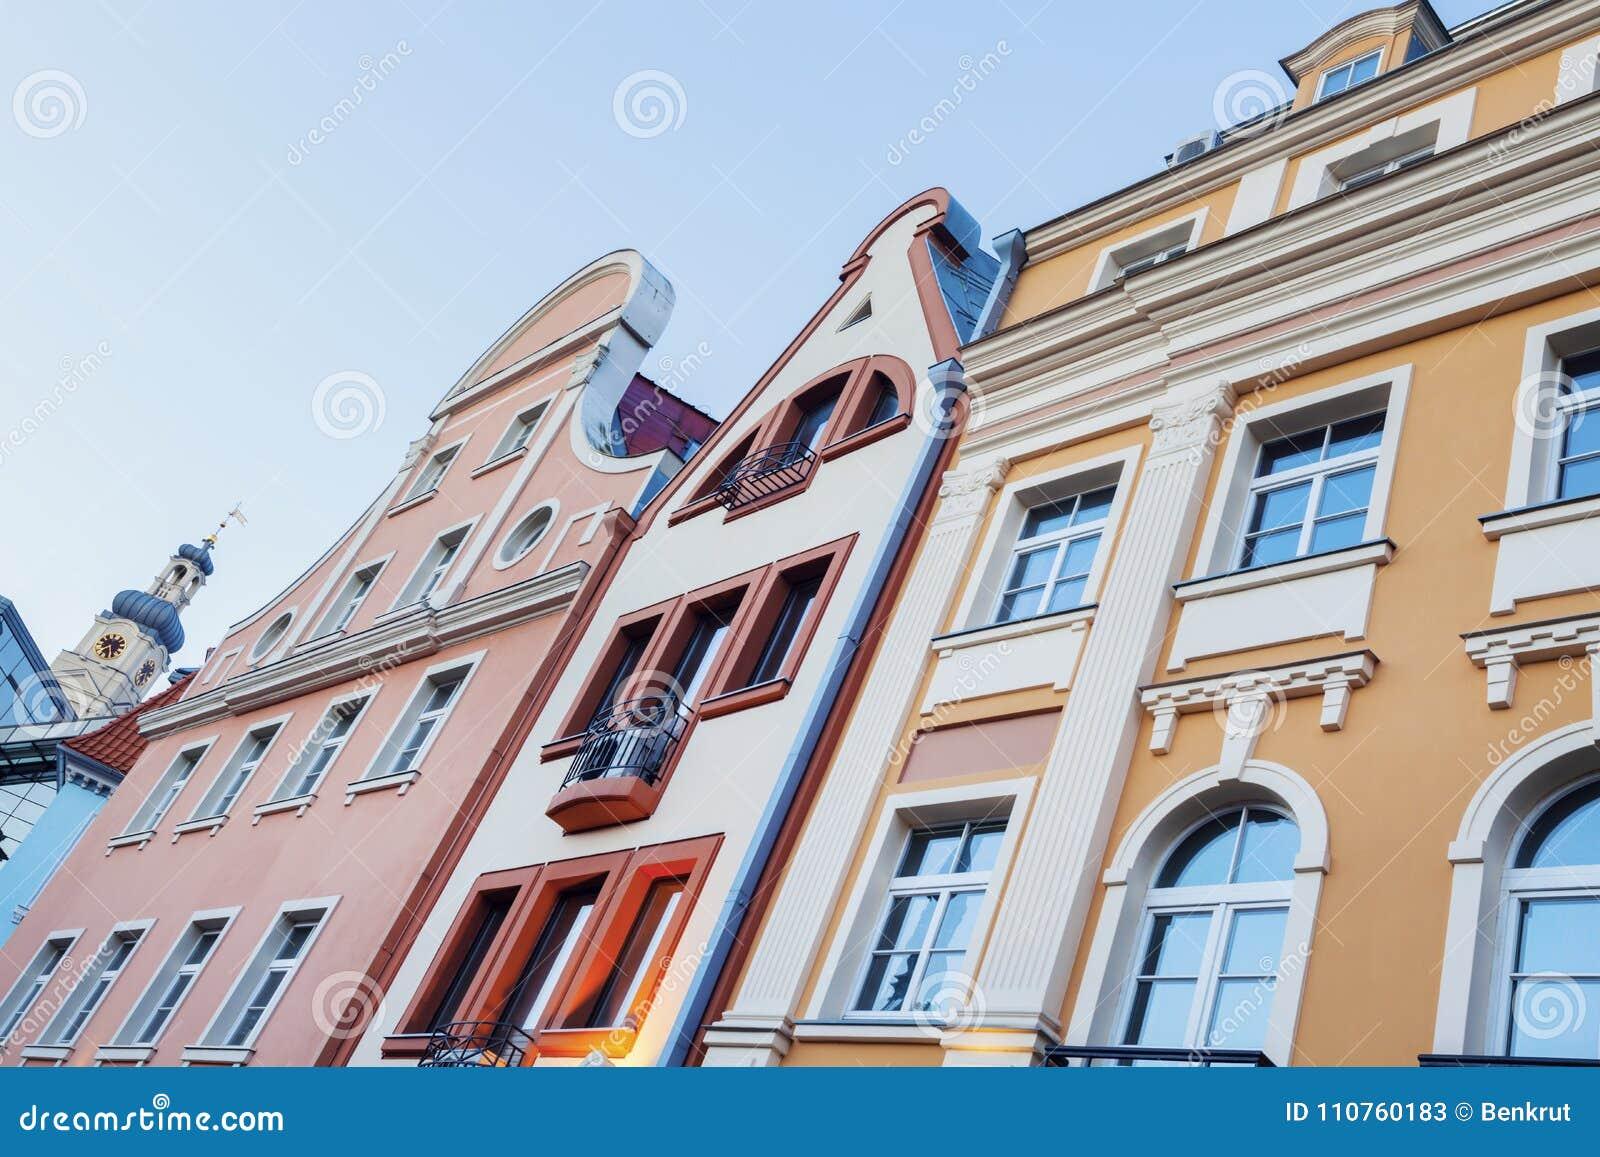 Ζωηρόχρωμη αρχιτεκτονική της παλαιάς πόλης της Ρήγας